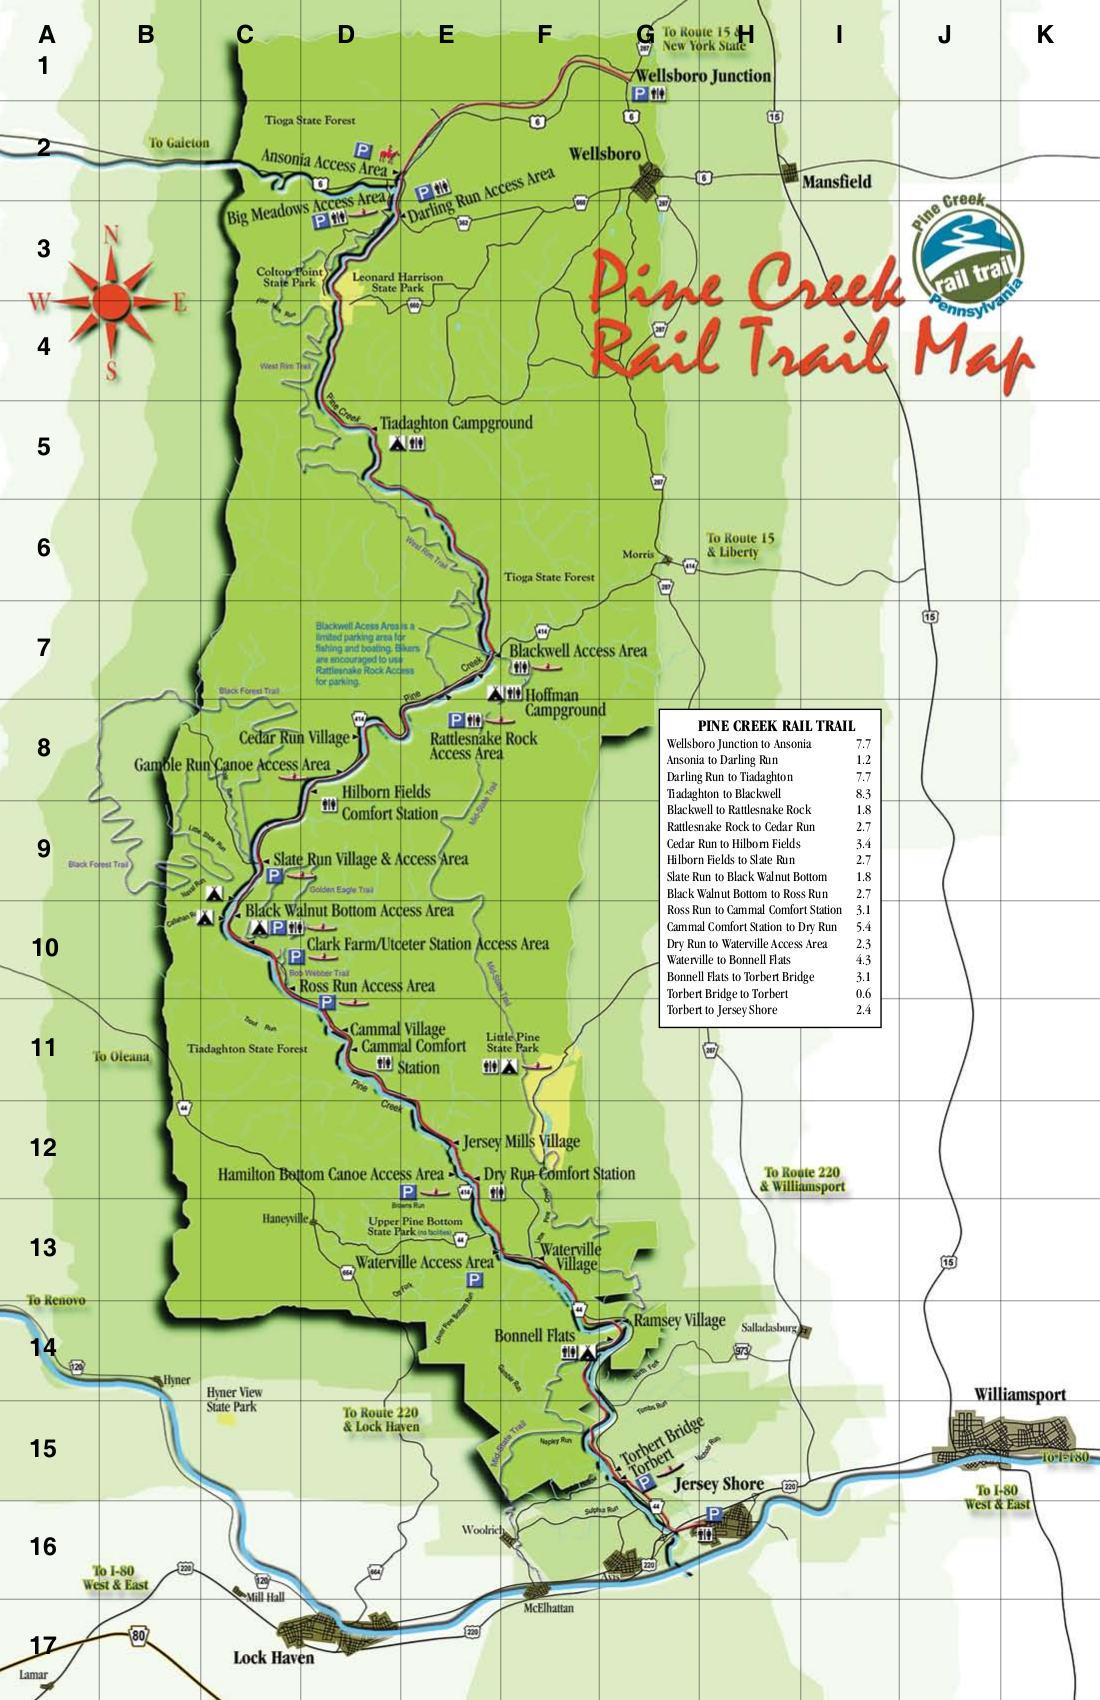 Pine Creek Rail Trail - Pine Creek Valley